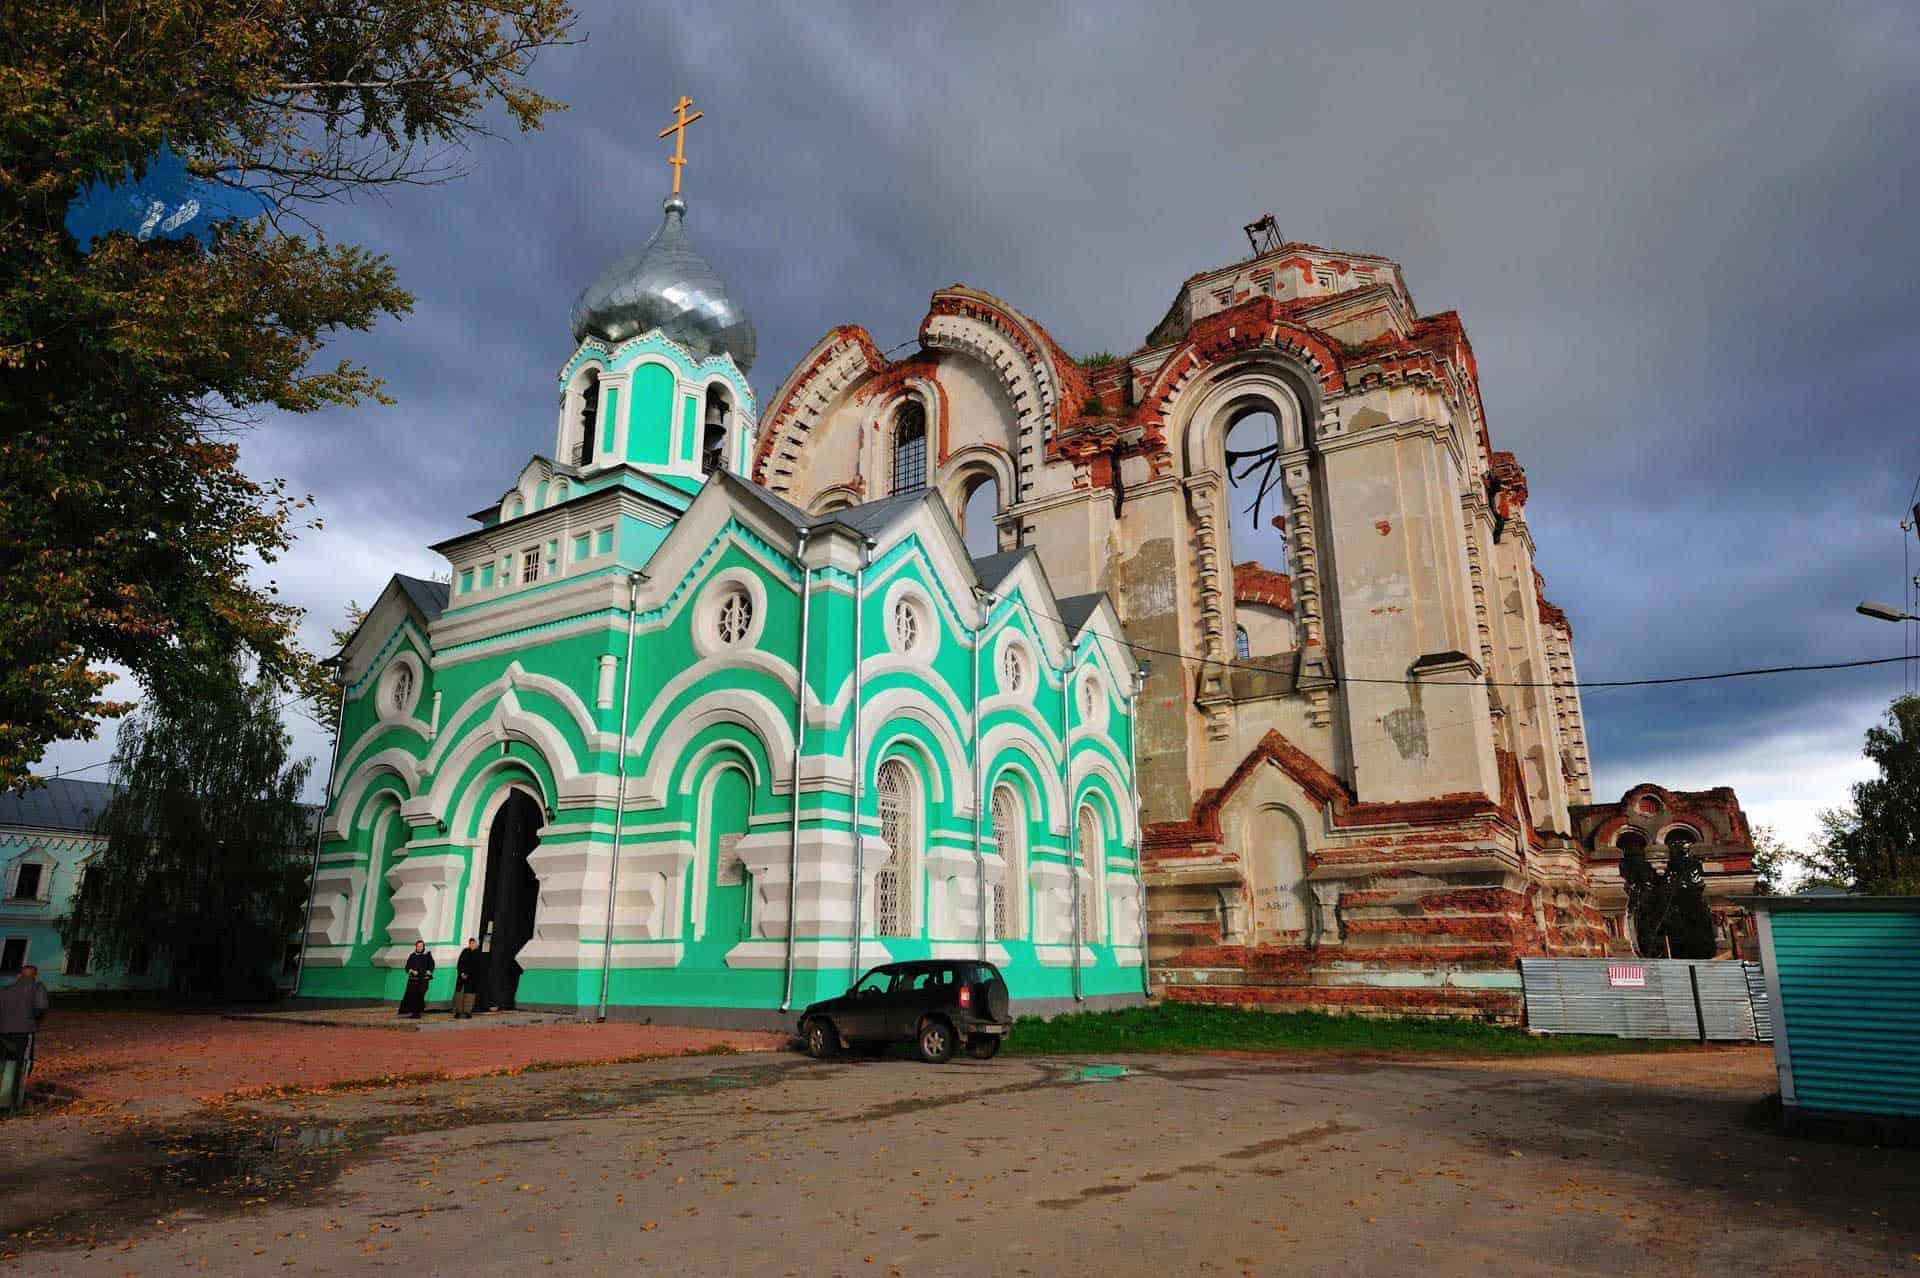 Que ver en el Convento Iver en Vyksa; Visitar el Convento Iver en Vyksa; Explorar el Convento Iver en Vyksa